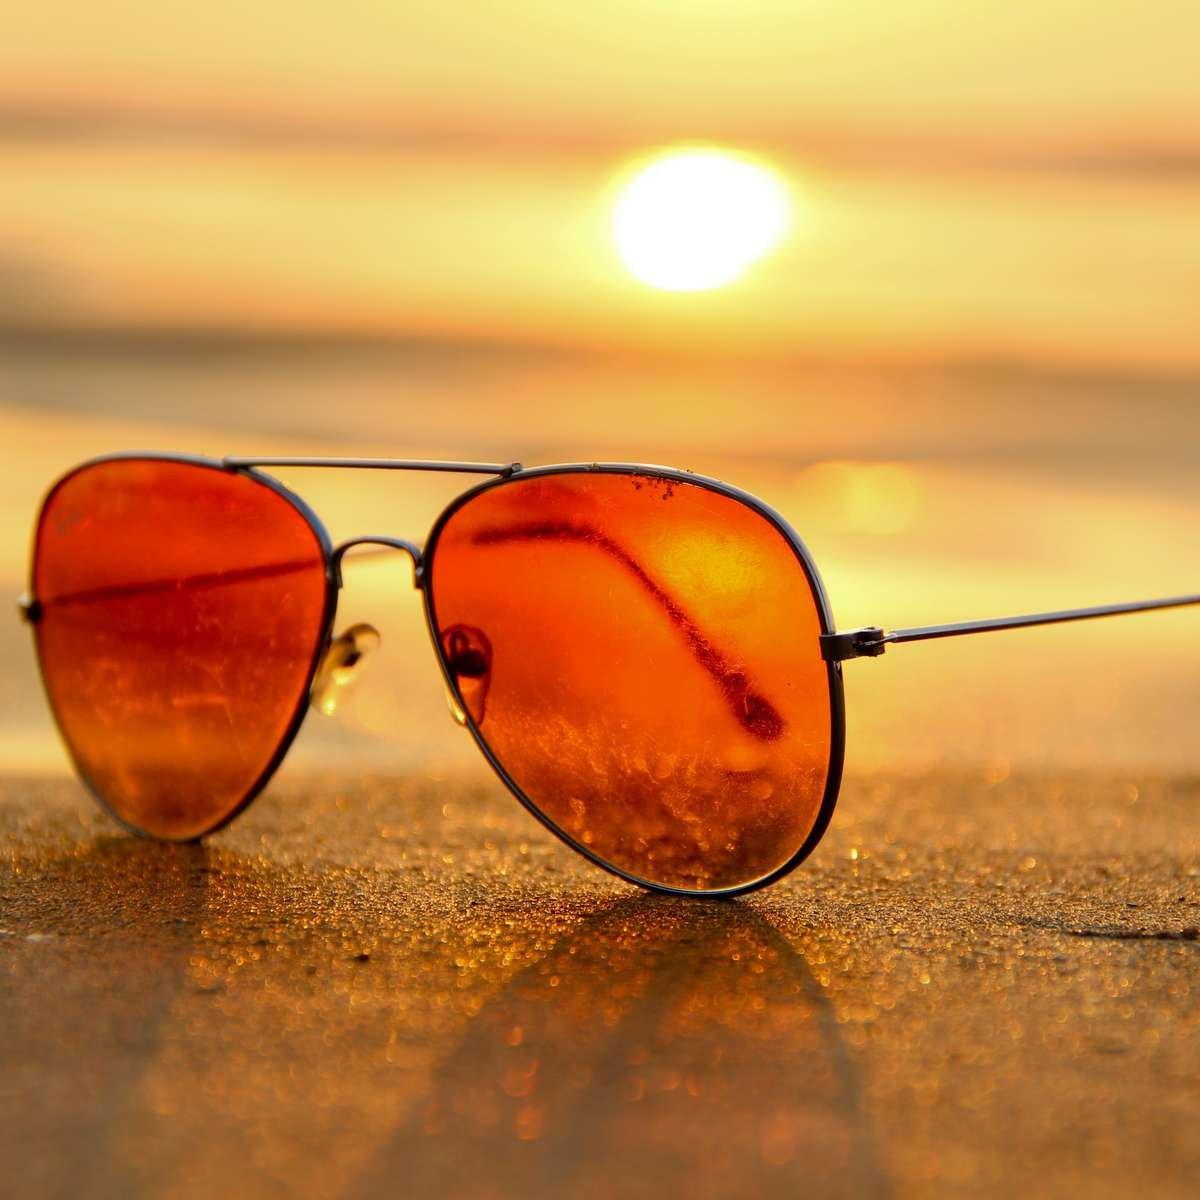 Chill Fragrance Scent Persona Sunglasses